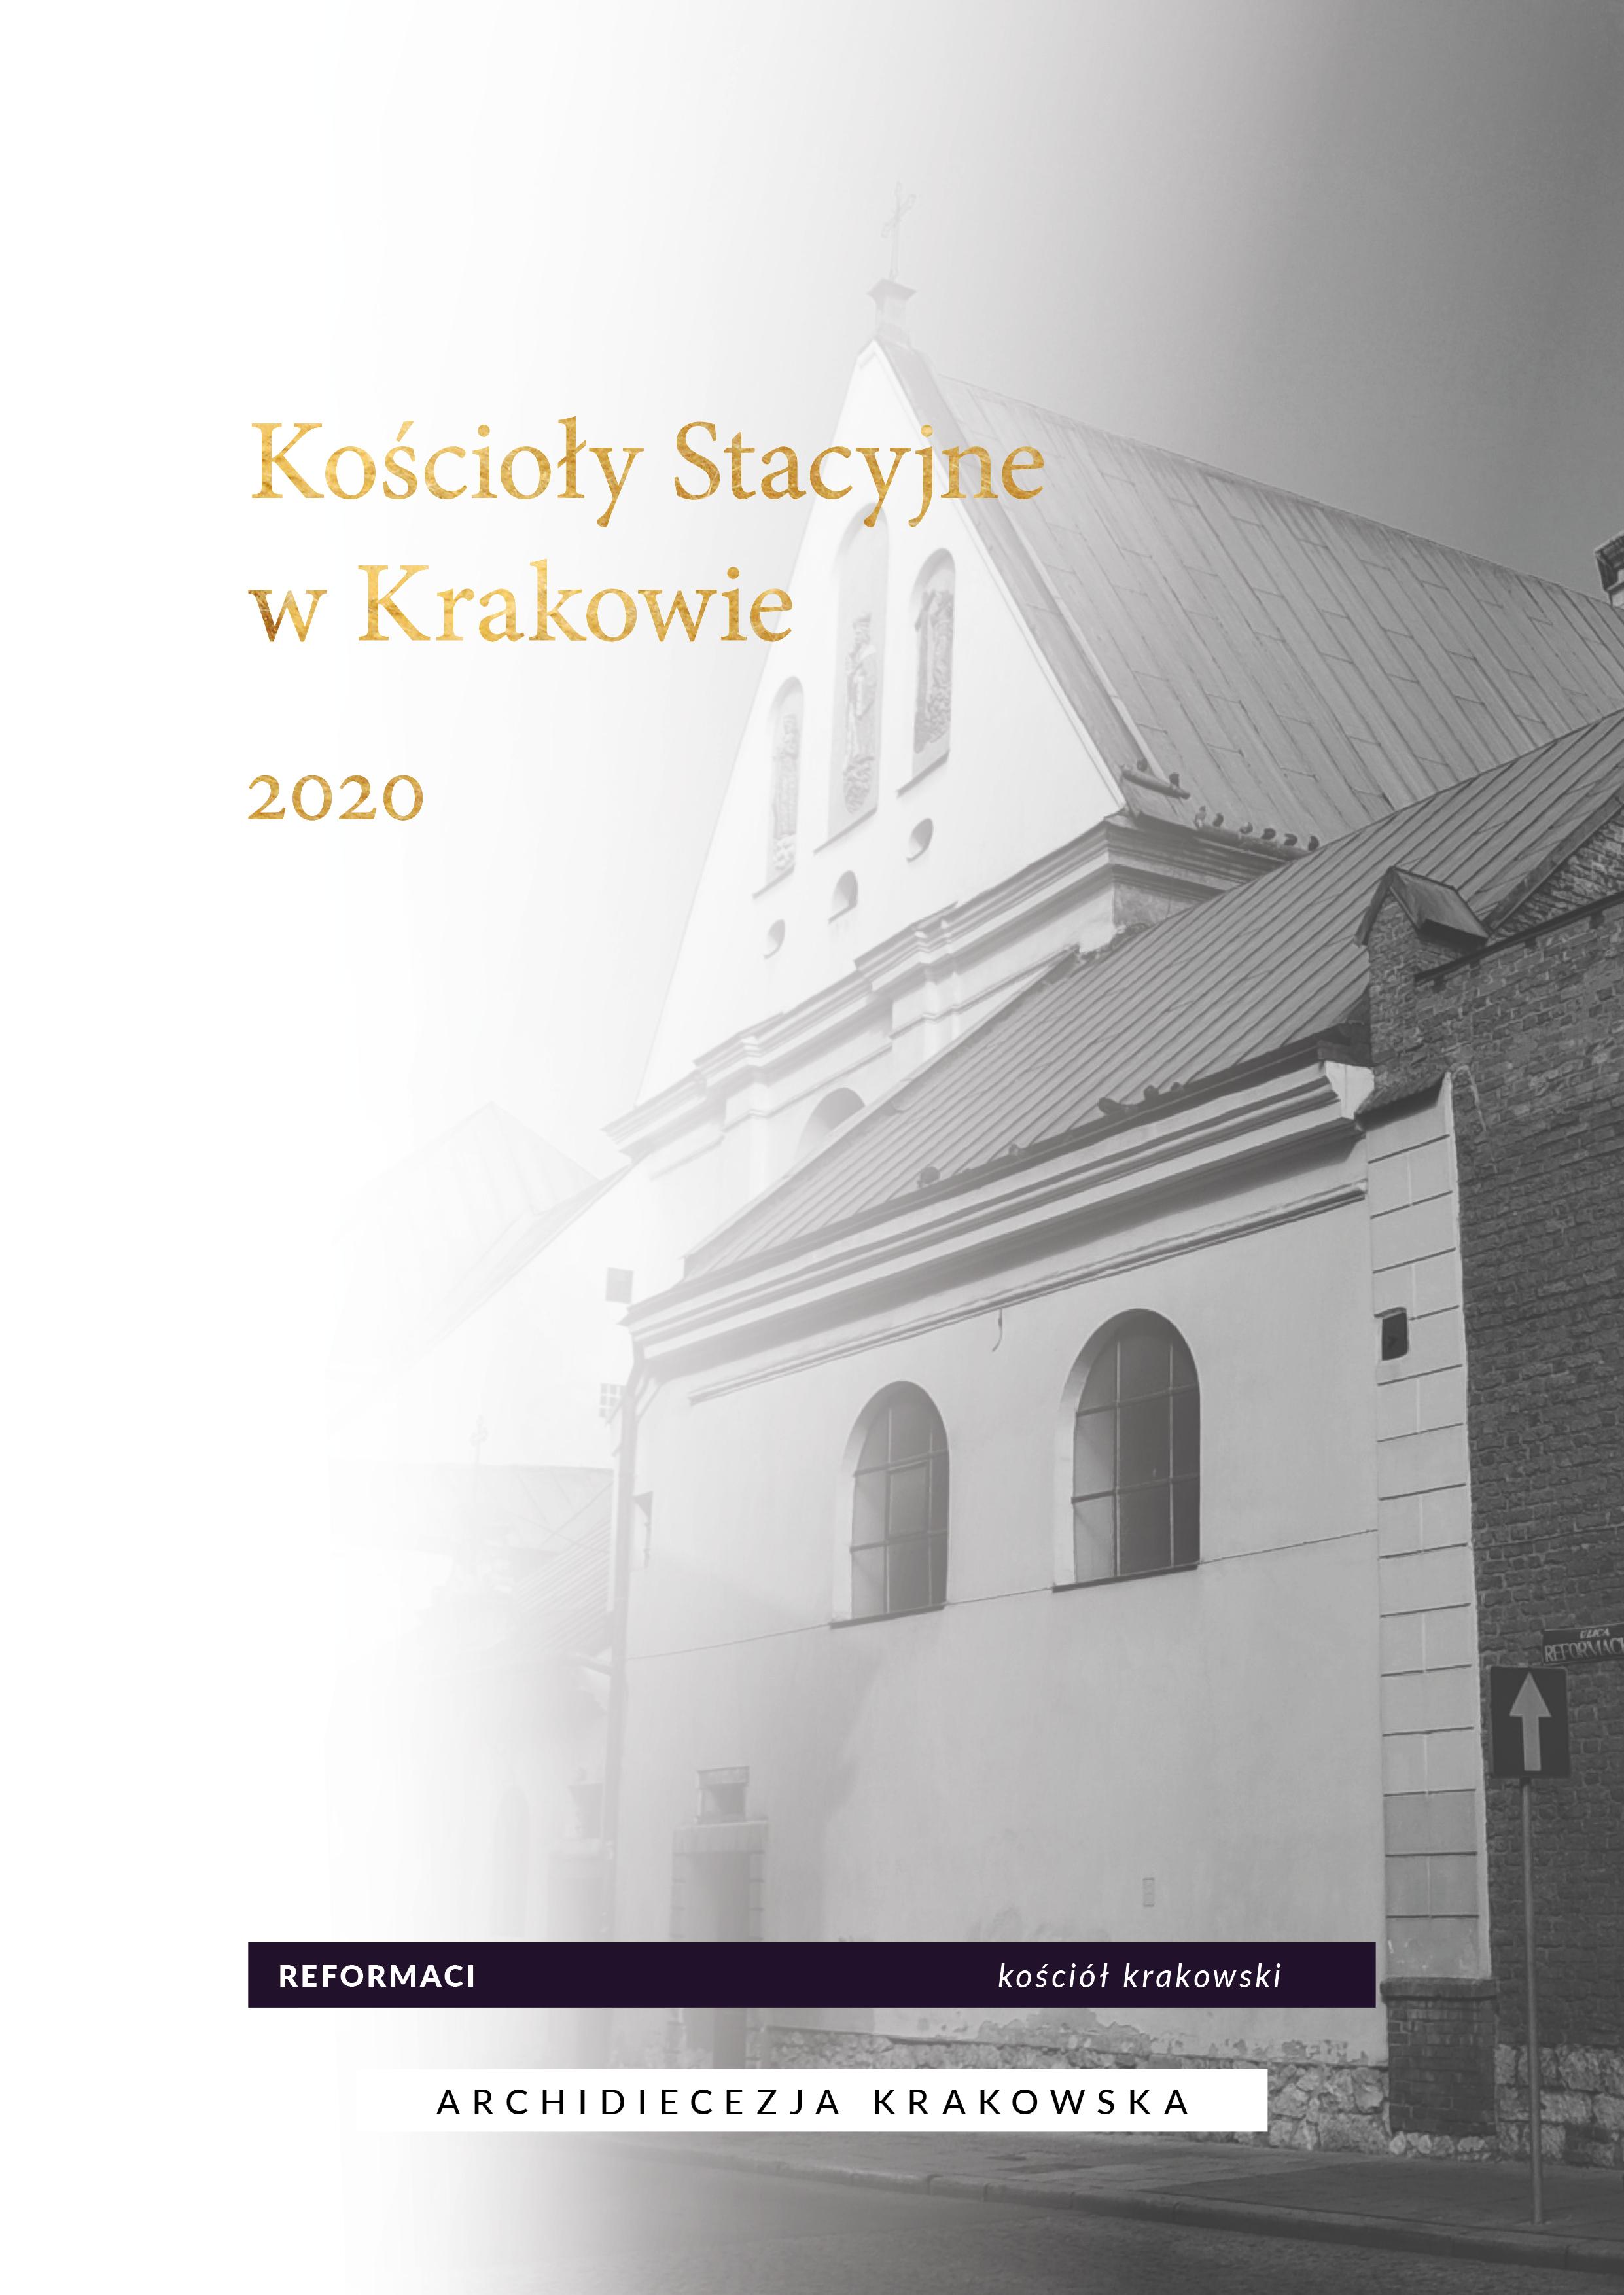 4. Kościół Stacyjny – ŚW. KAZIMIERZA – Reformaci